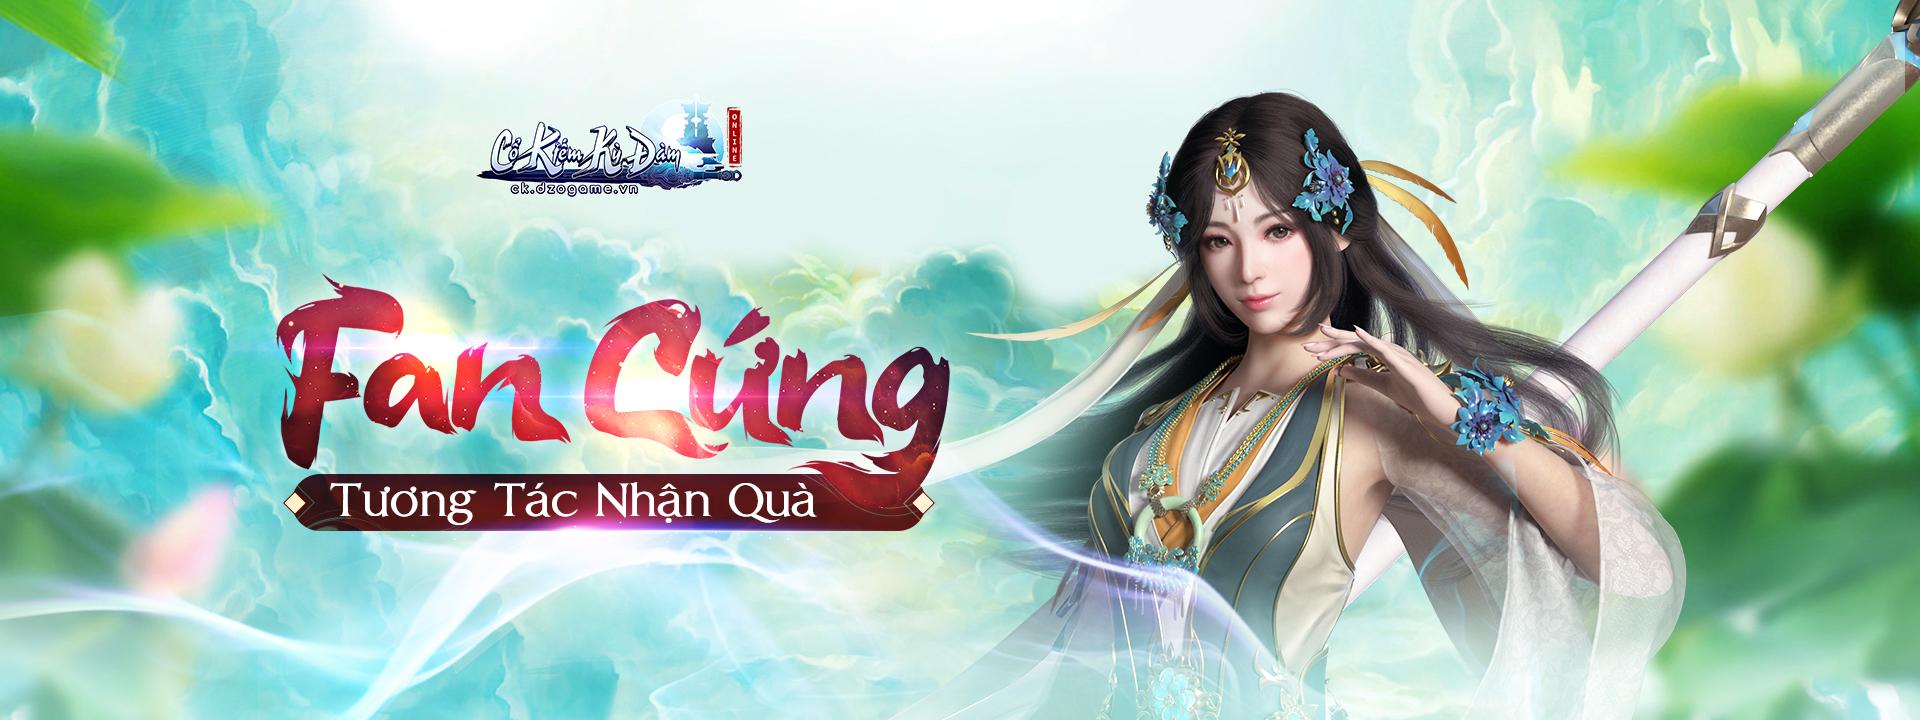 banner top ĐẠI HỘI FAN CỨNG - HỨNG MƯA QUÀ TẶNG THÁNG 7